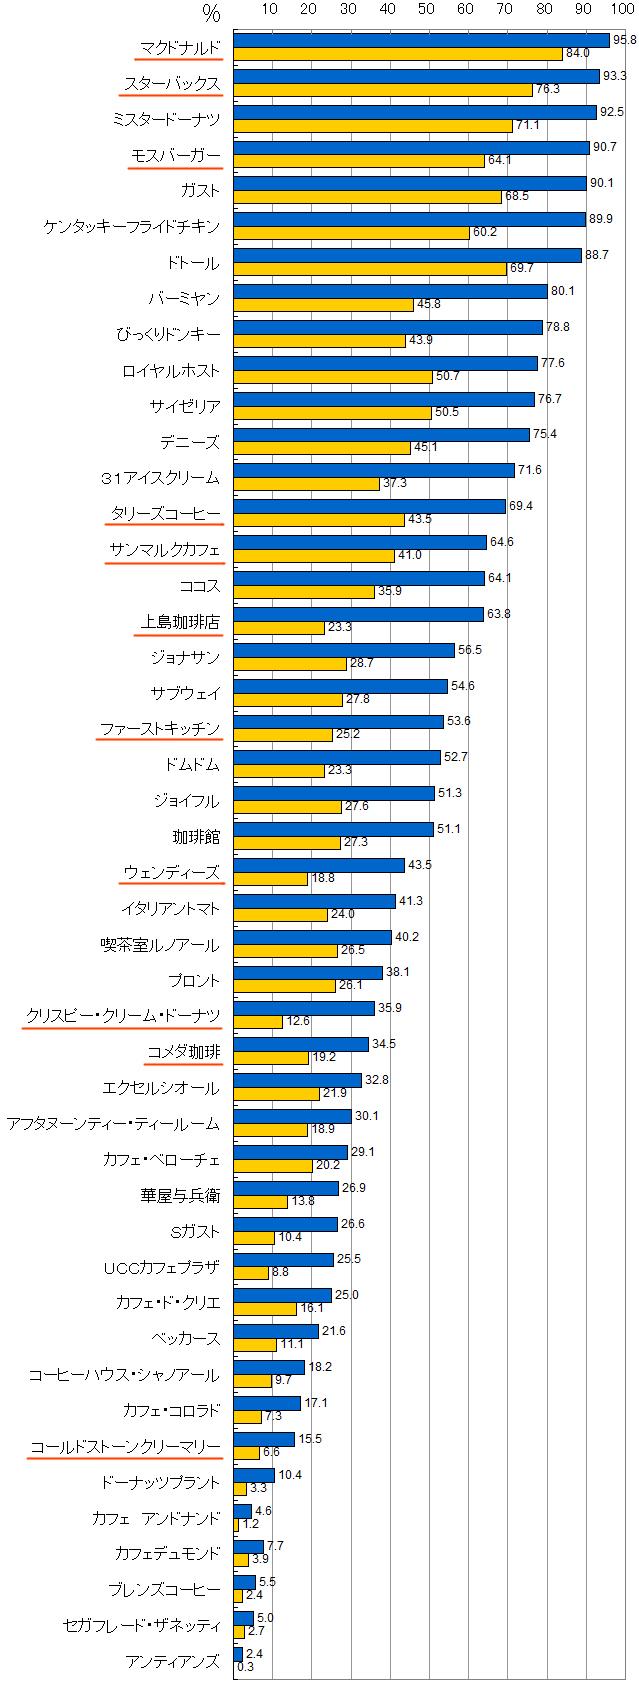 2011年飲食リテールブランド認知度・利用経験率